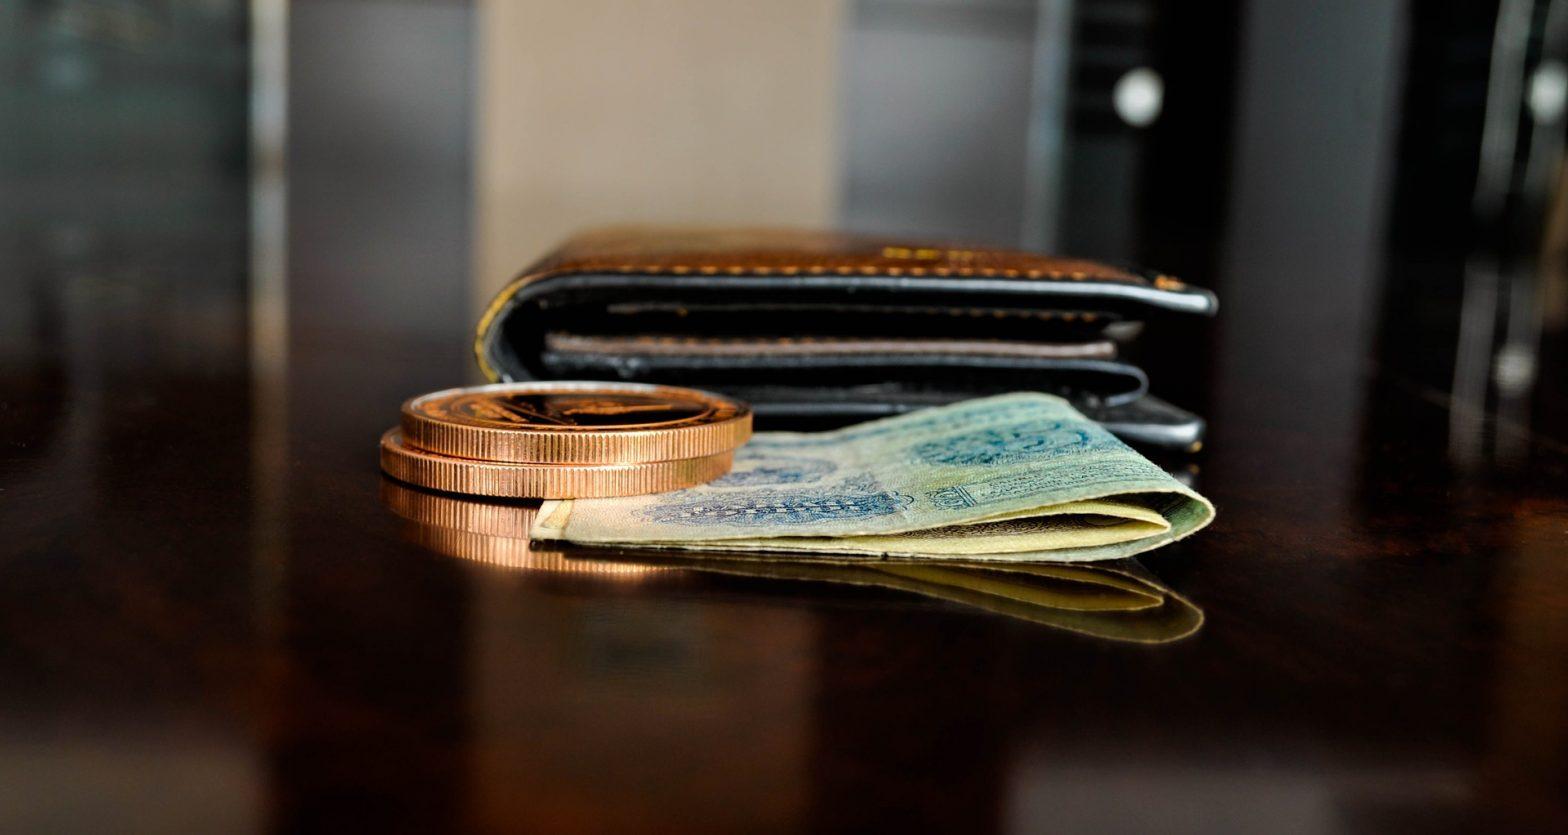 《【比特币钱包】4个2021年有用的比特币钱包》